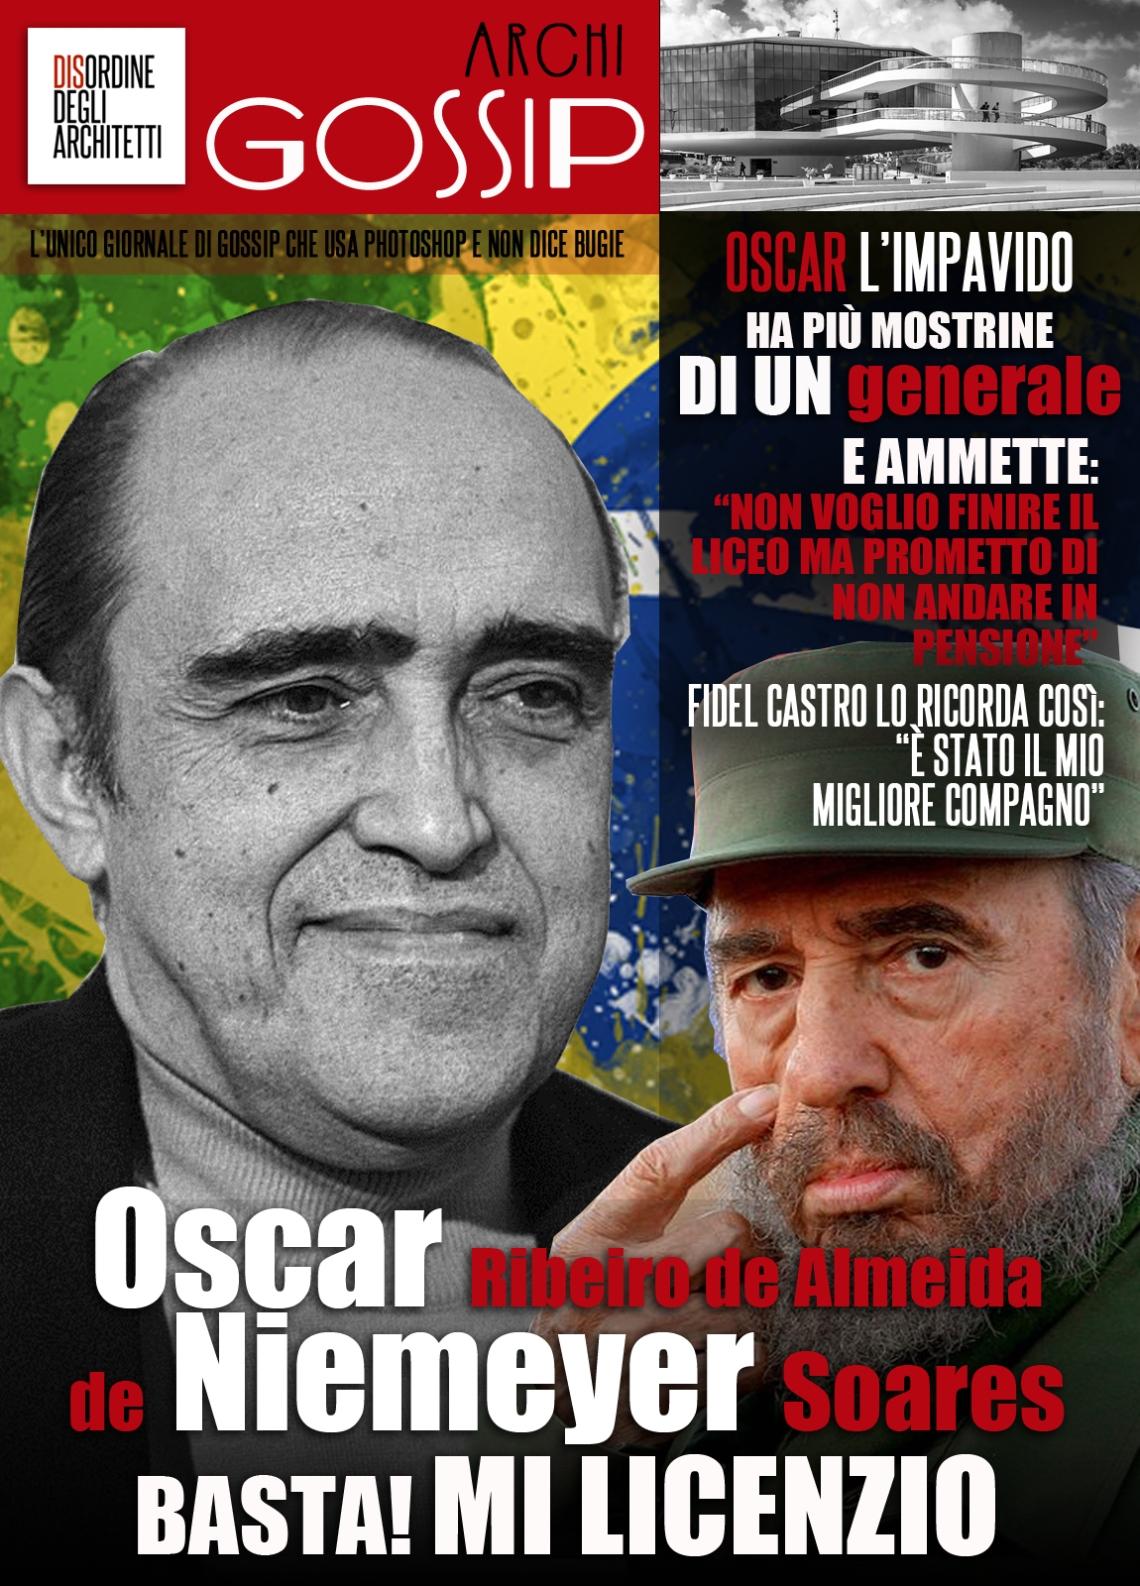 05 Oscar Niemeyer